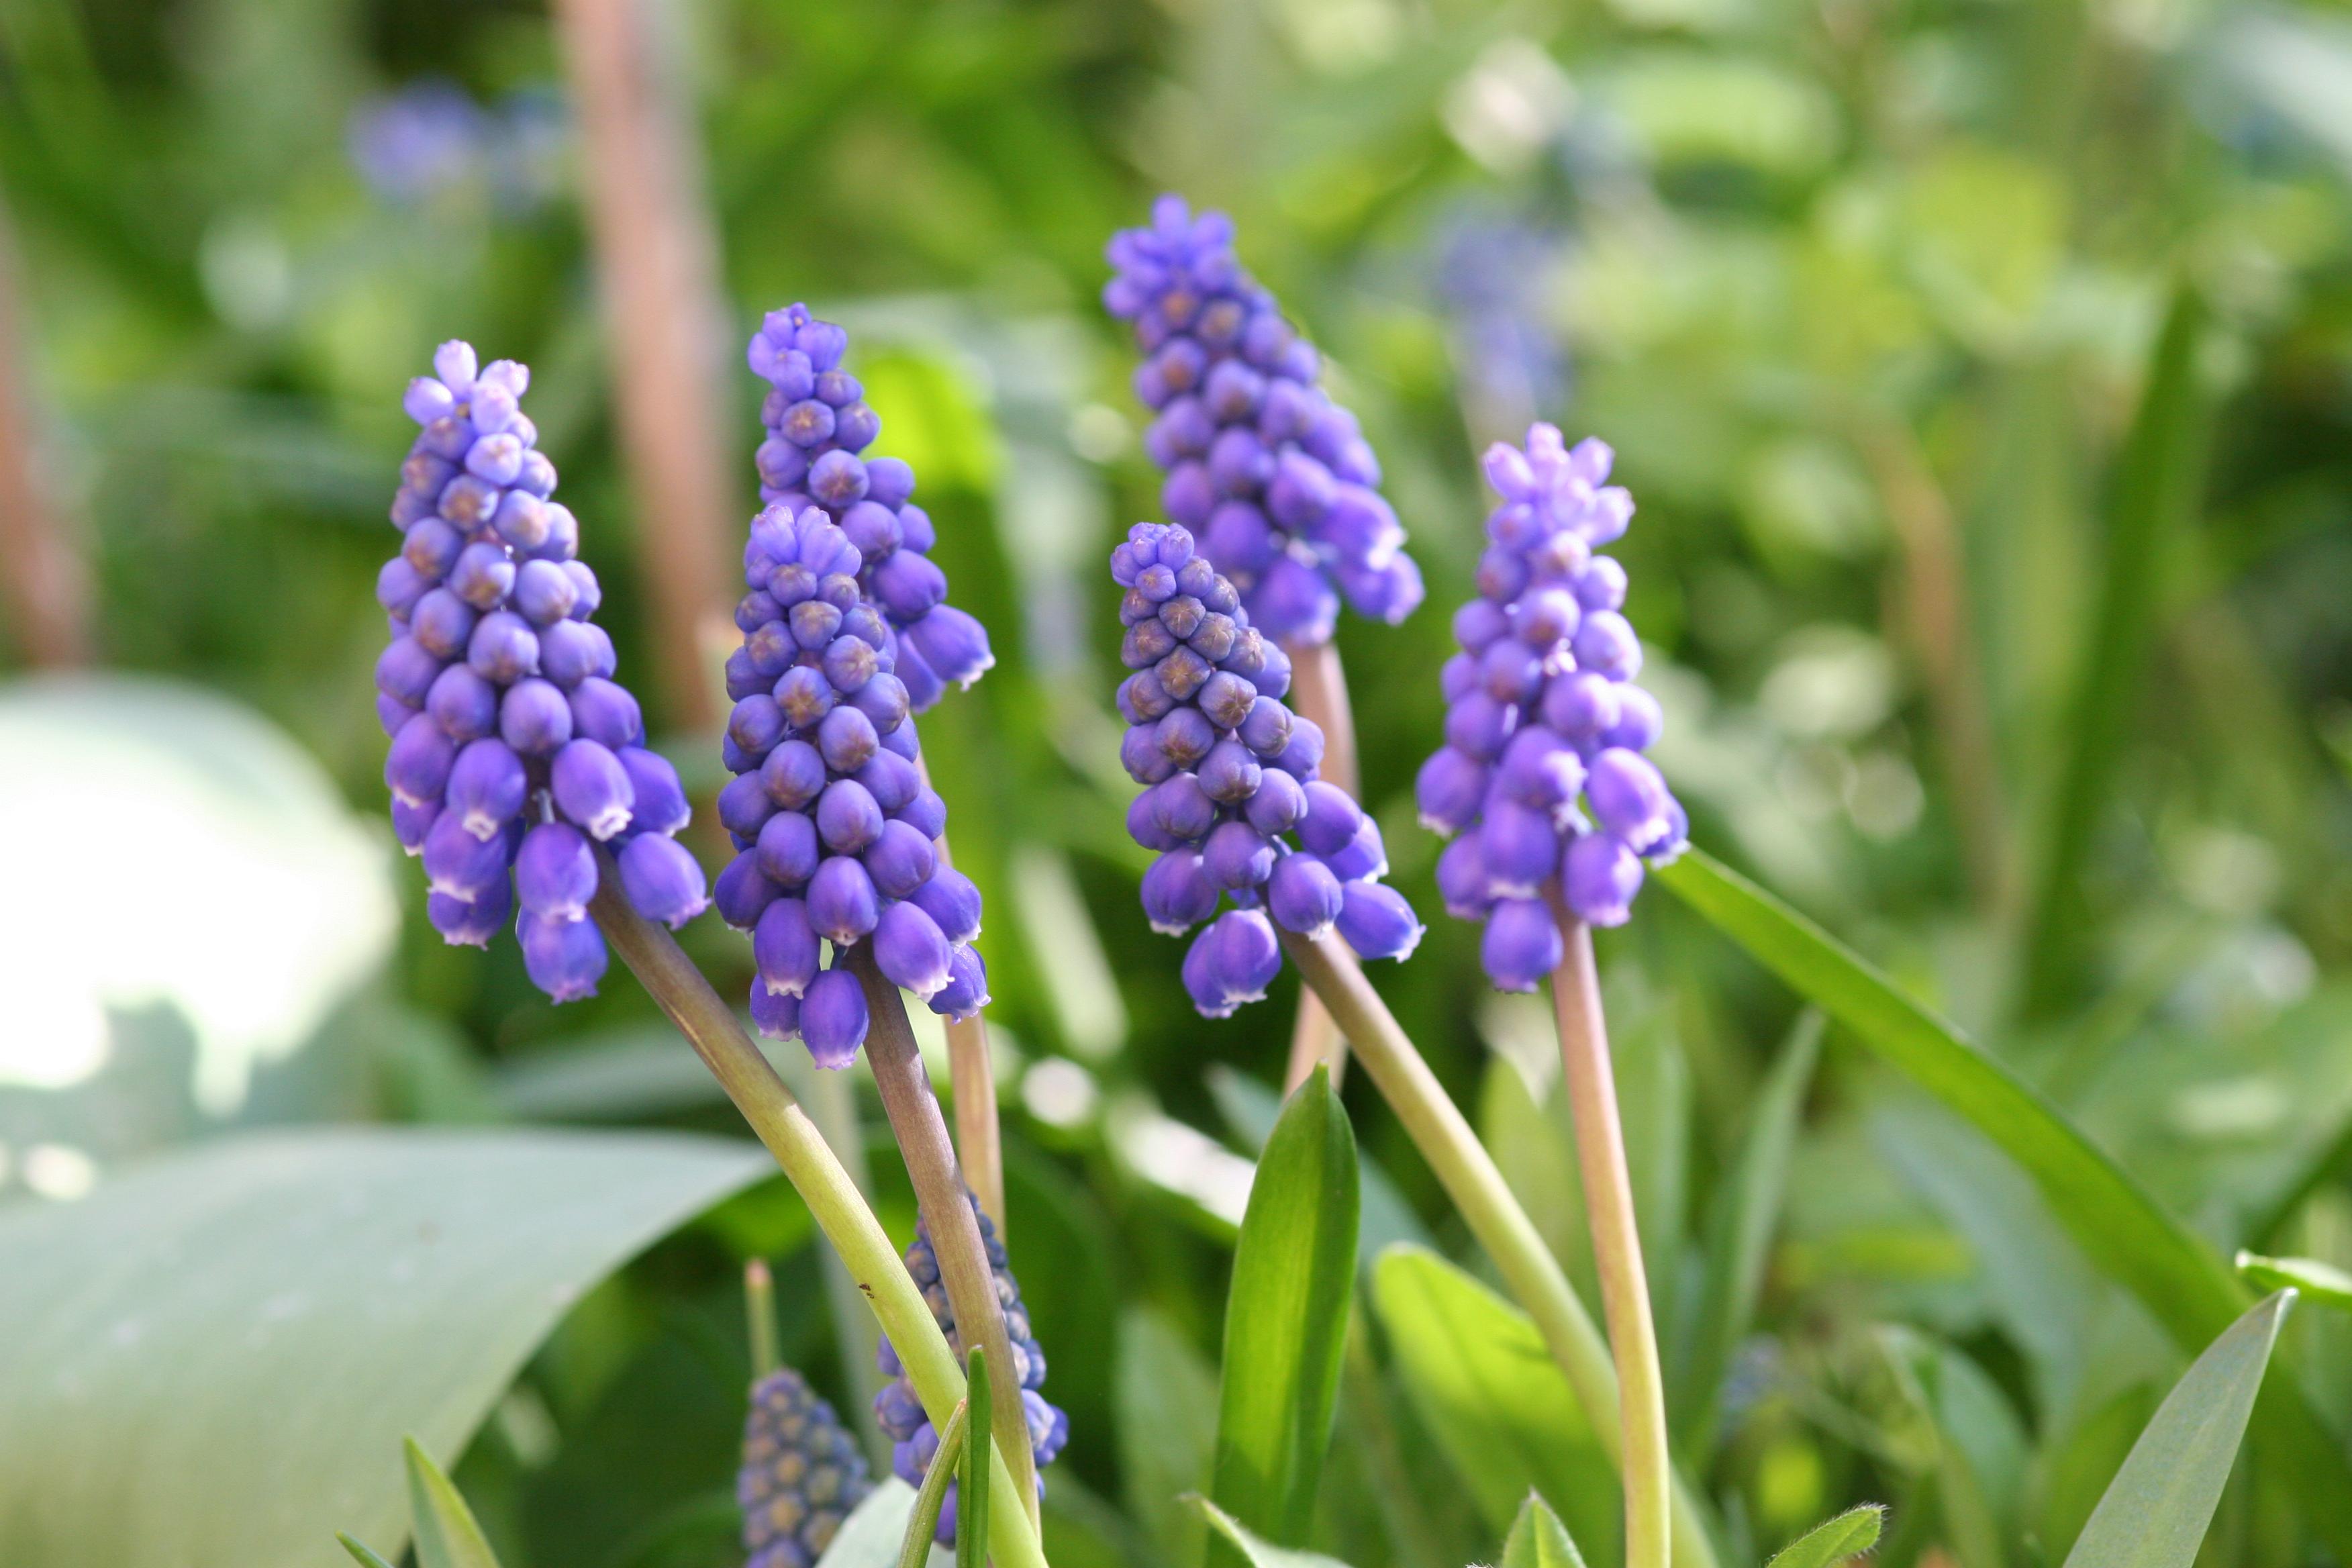 Zwiebelblumen im Frühjahr pflegen und gut kombinieren